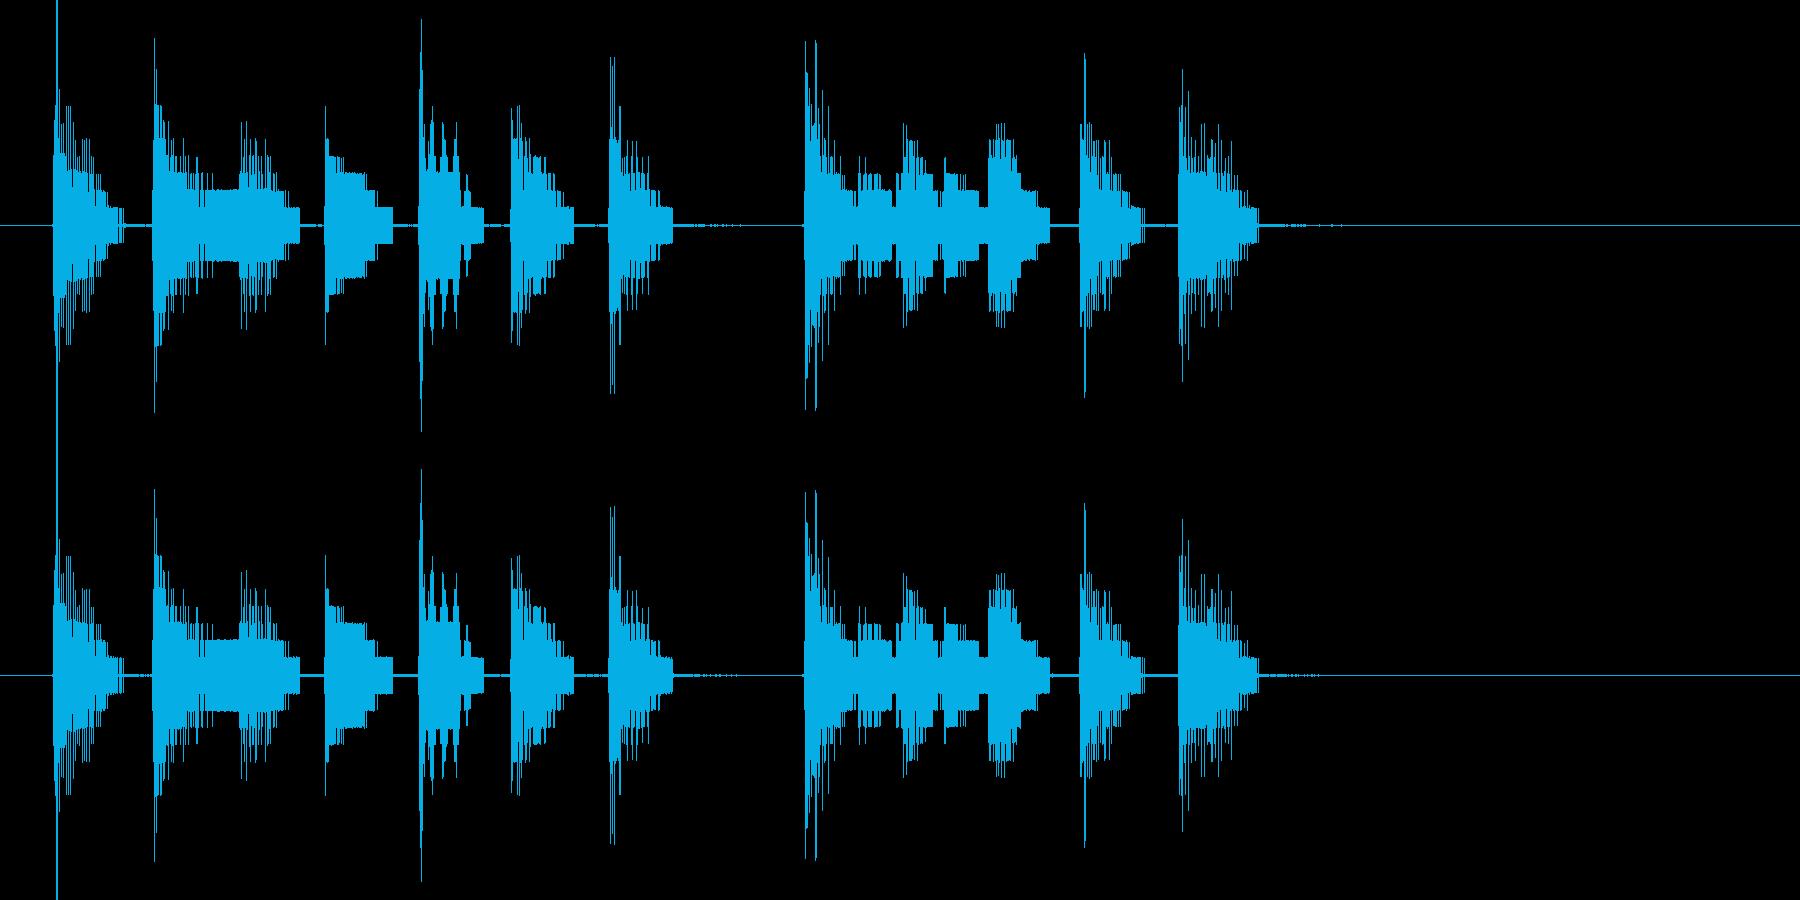 8ビットサウンドのみによる楽曲。振り出…の再生済みの波形